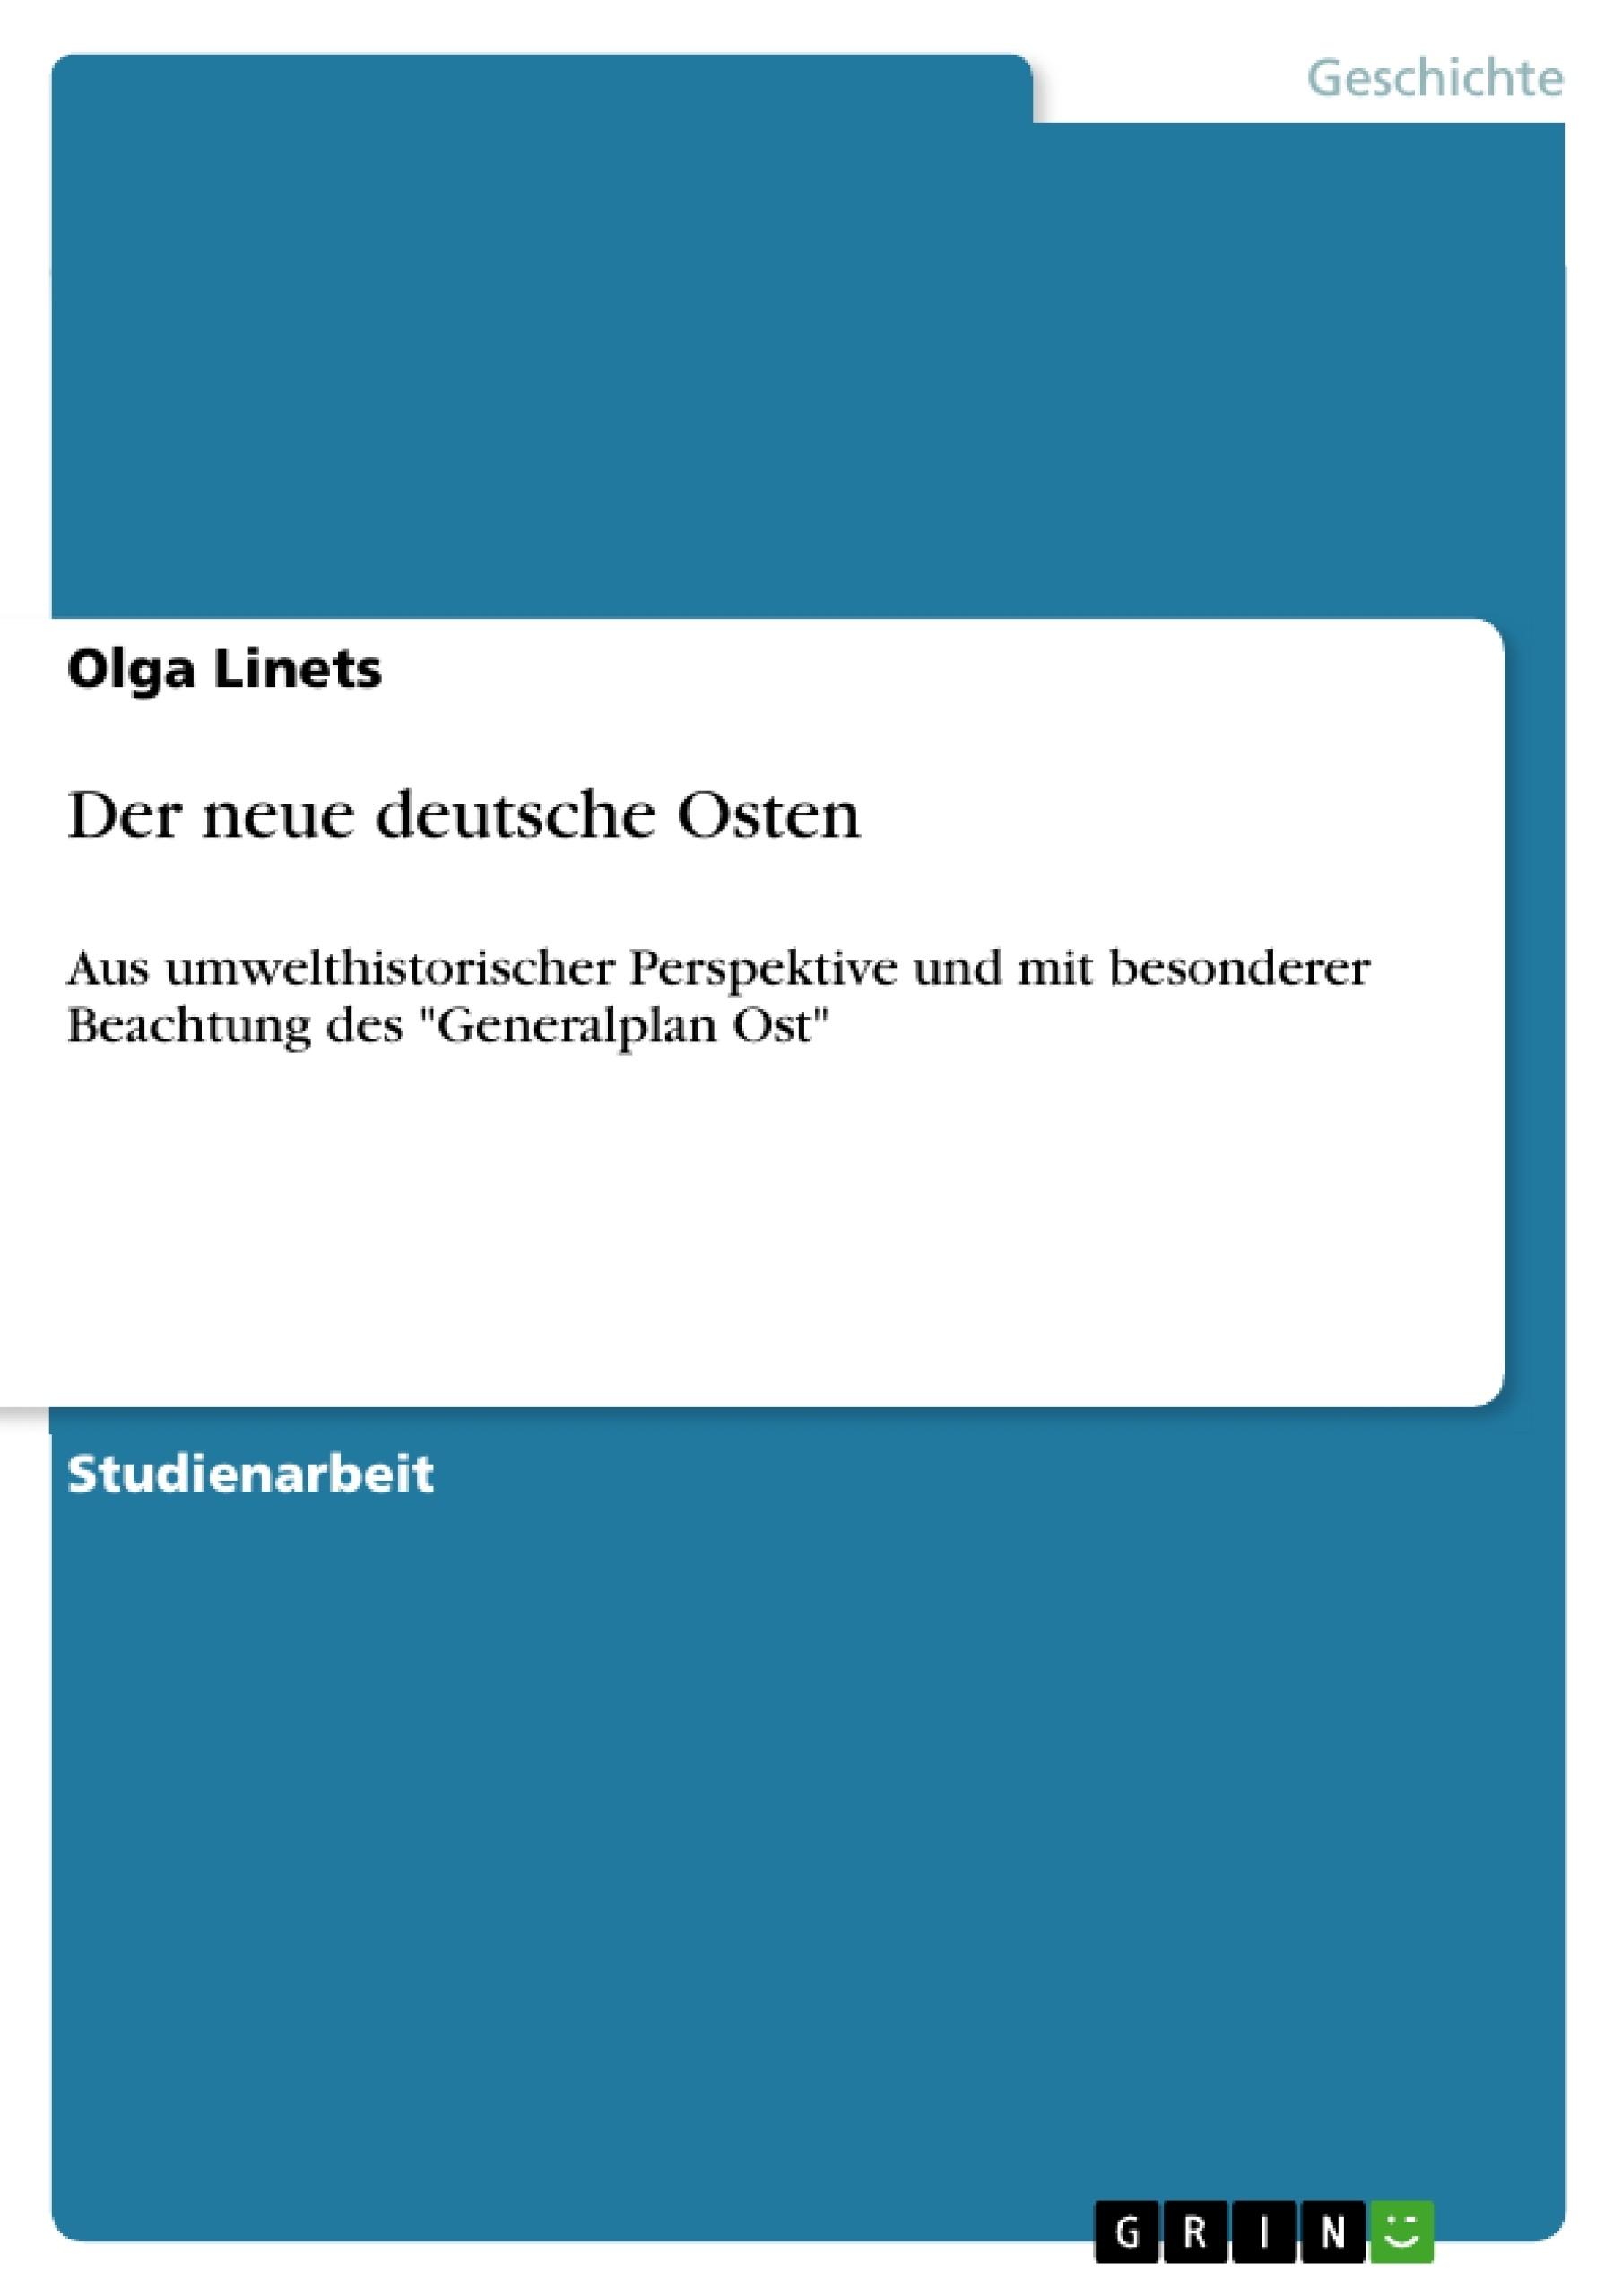 Titel: Der neue deutsche Osten